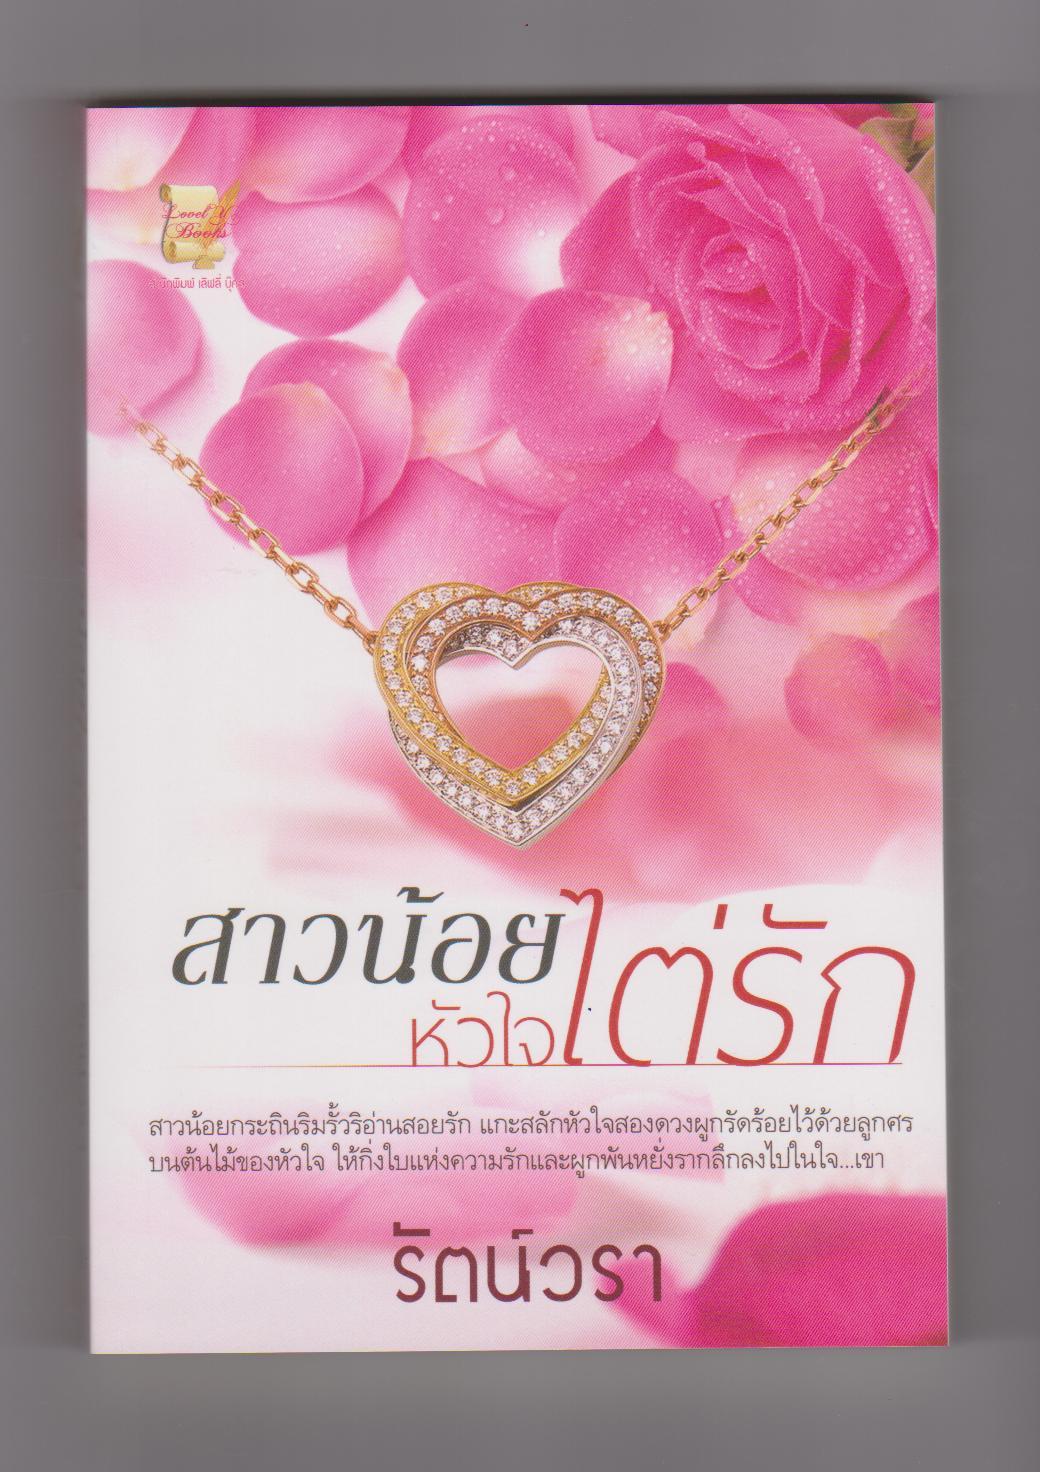 โปรจับคู่ ส่งฟรี สาวน้อยหัวใจไต่รัก / ปูริดา ( รัตน์วรา )หนังสือใหม่ ทำมือ***โรแมนติก คอมเมดี้ ***ใช้สิทธิ์แลกซื้อ 220